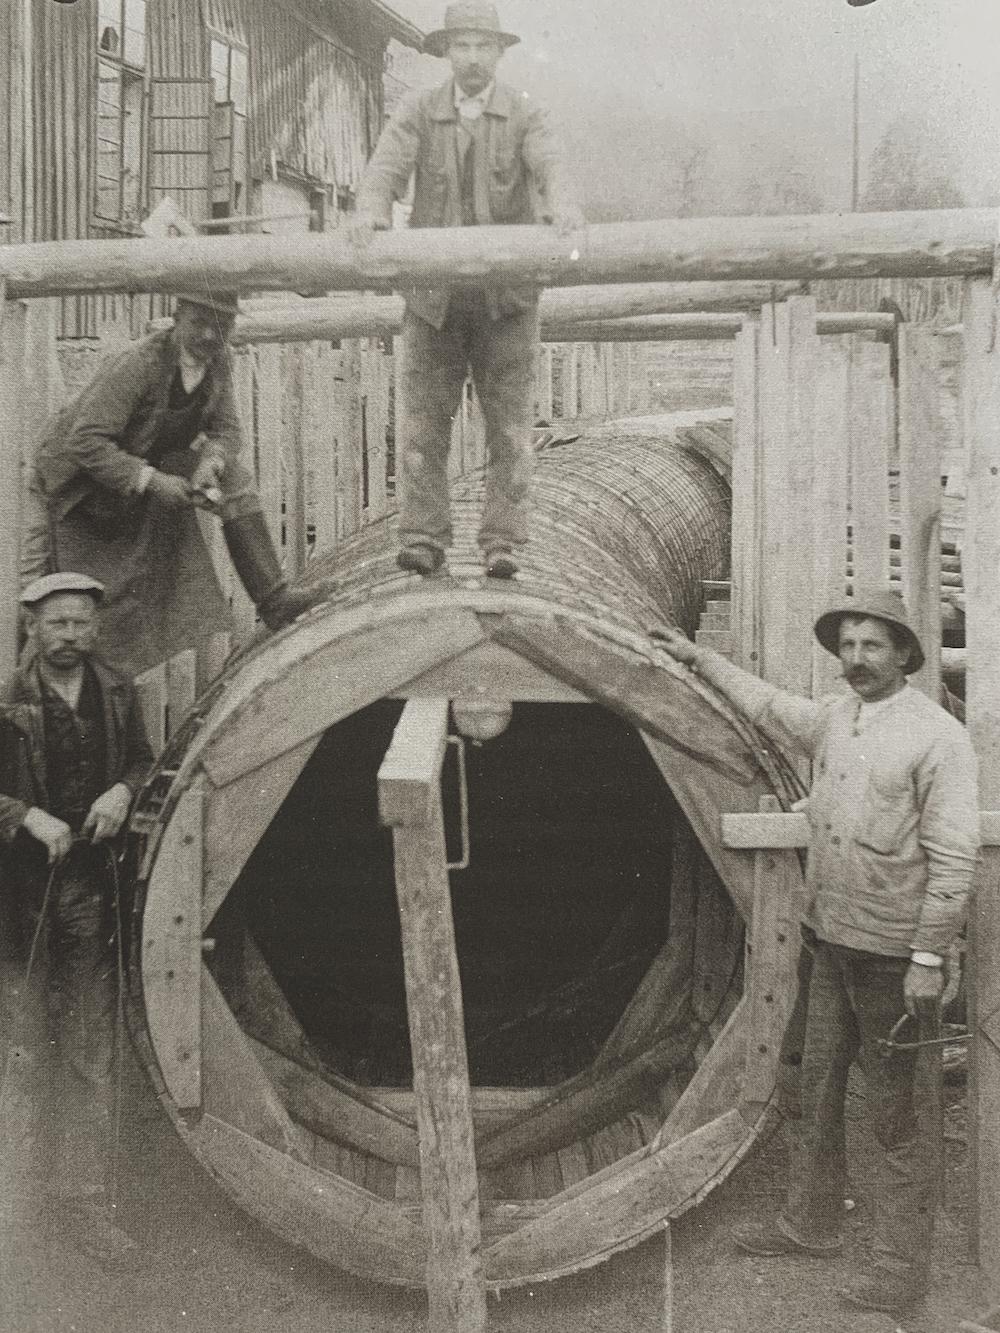 Bild: Bau der Druckleitung zur neuen Turbinenanlage des Viktoriawerkes. Fertigstellung 1924